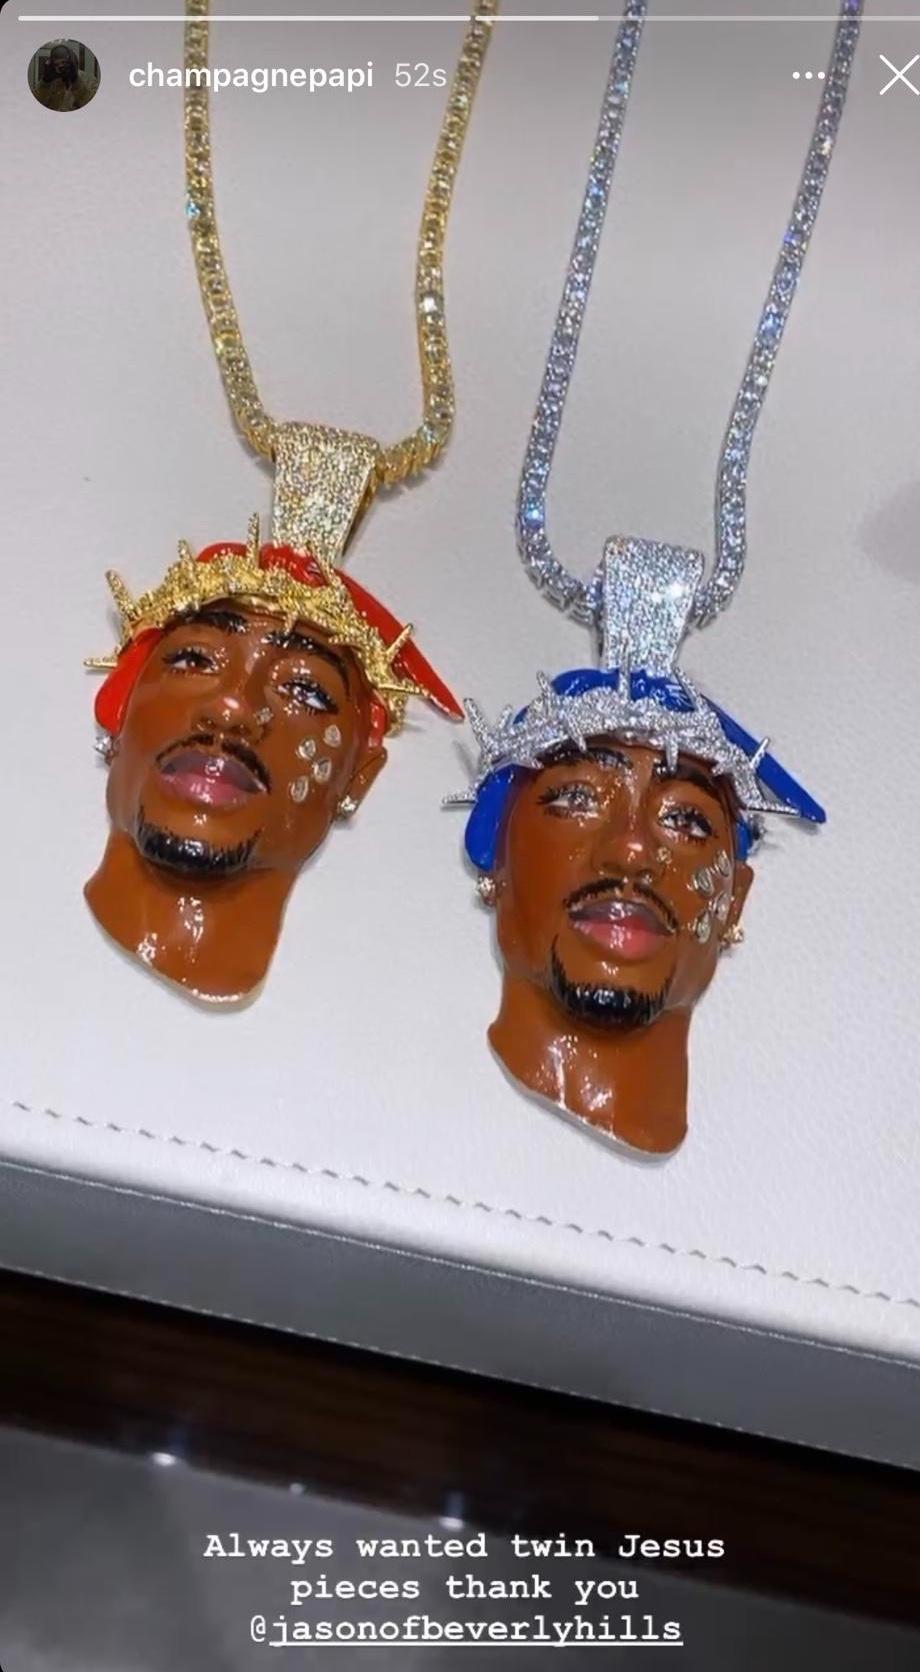 Collane di Drake in omaggio a Tupac